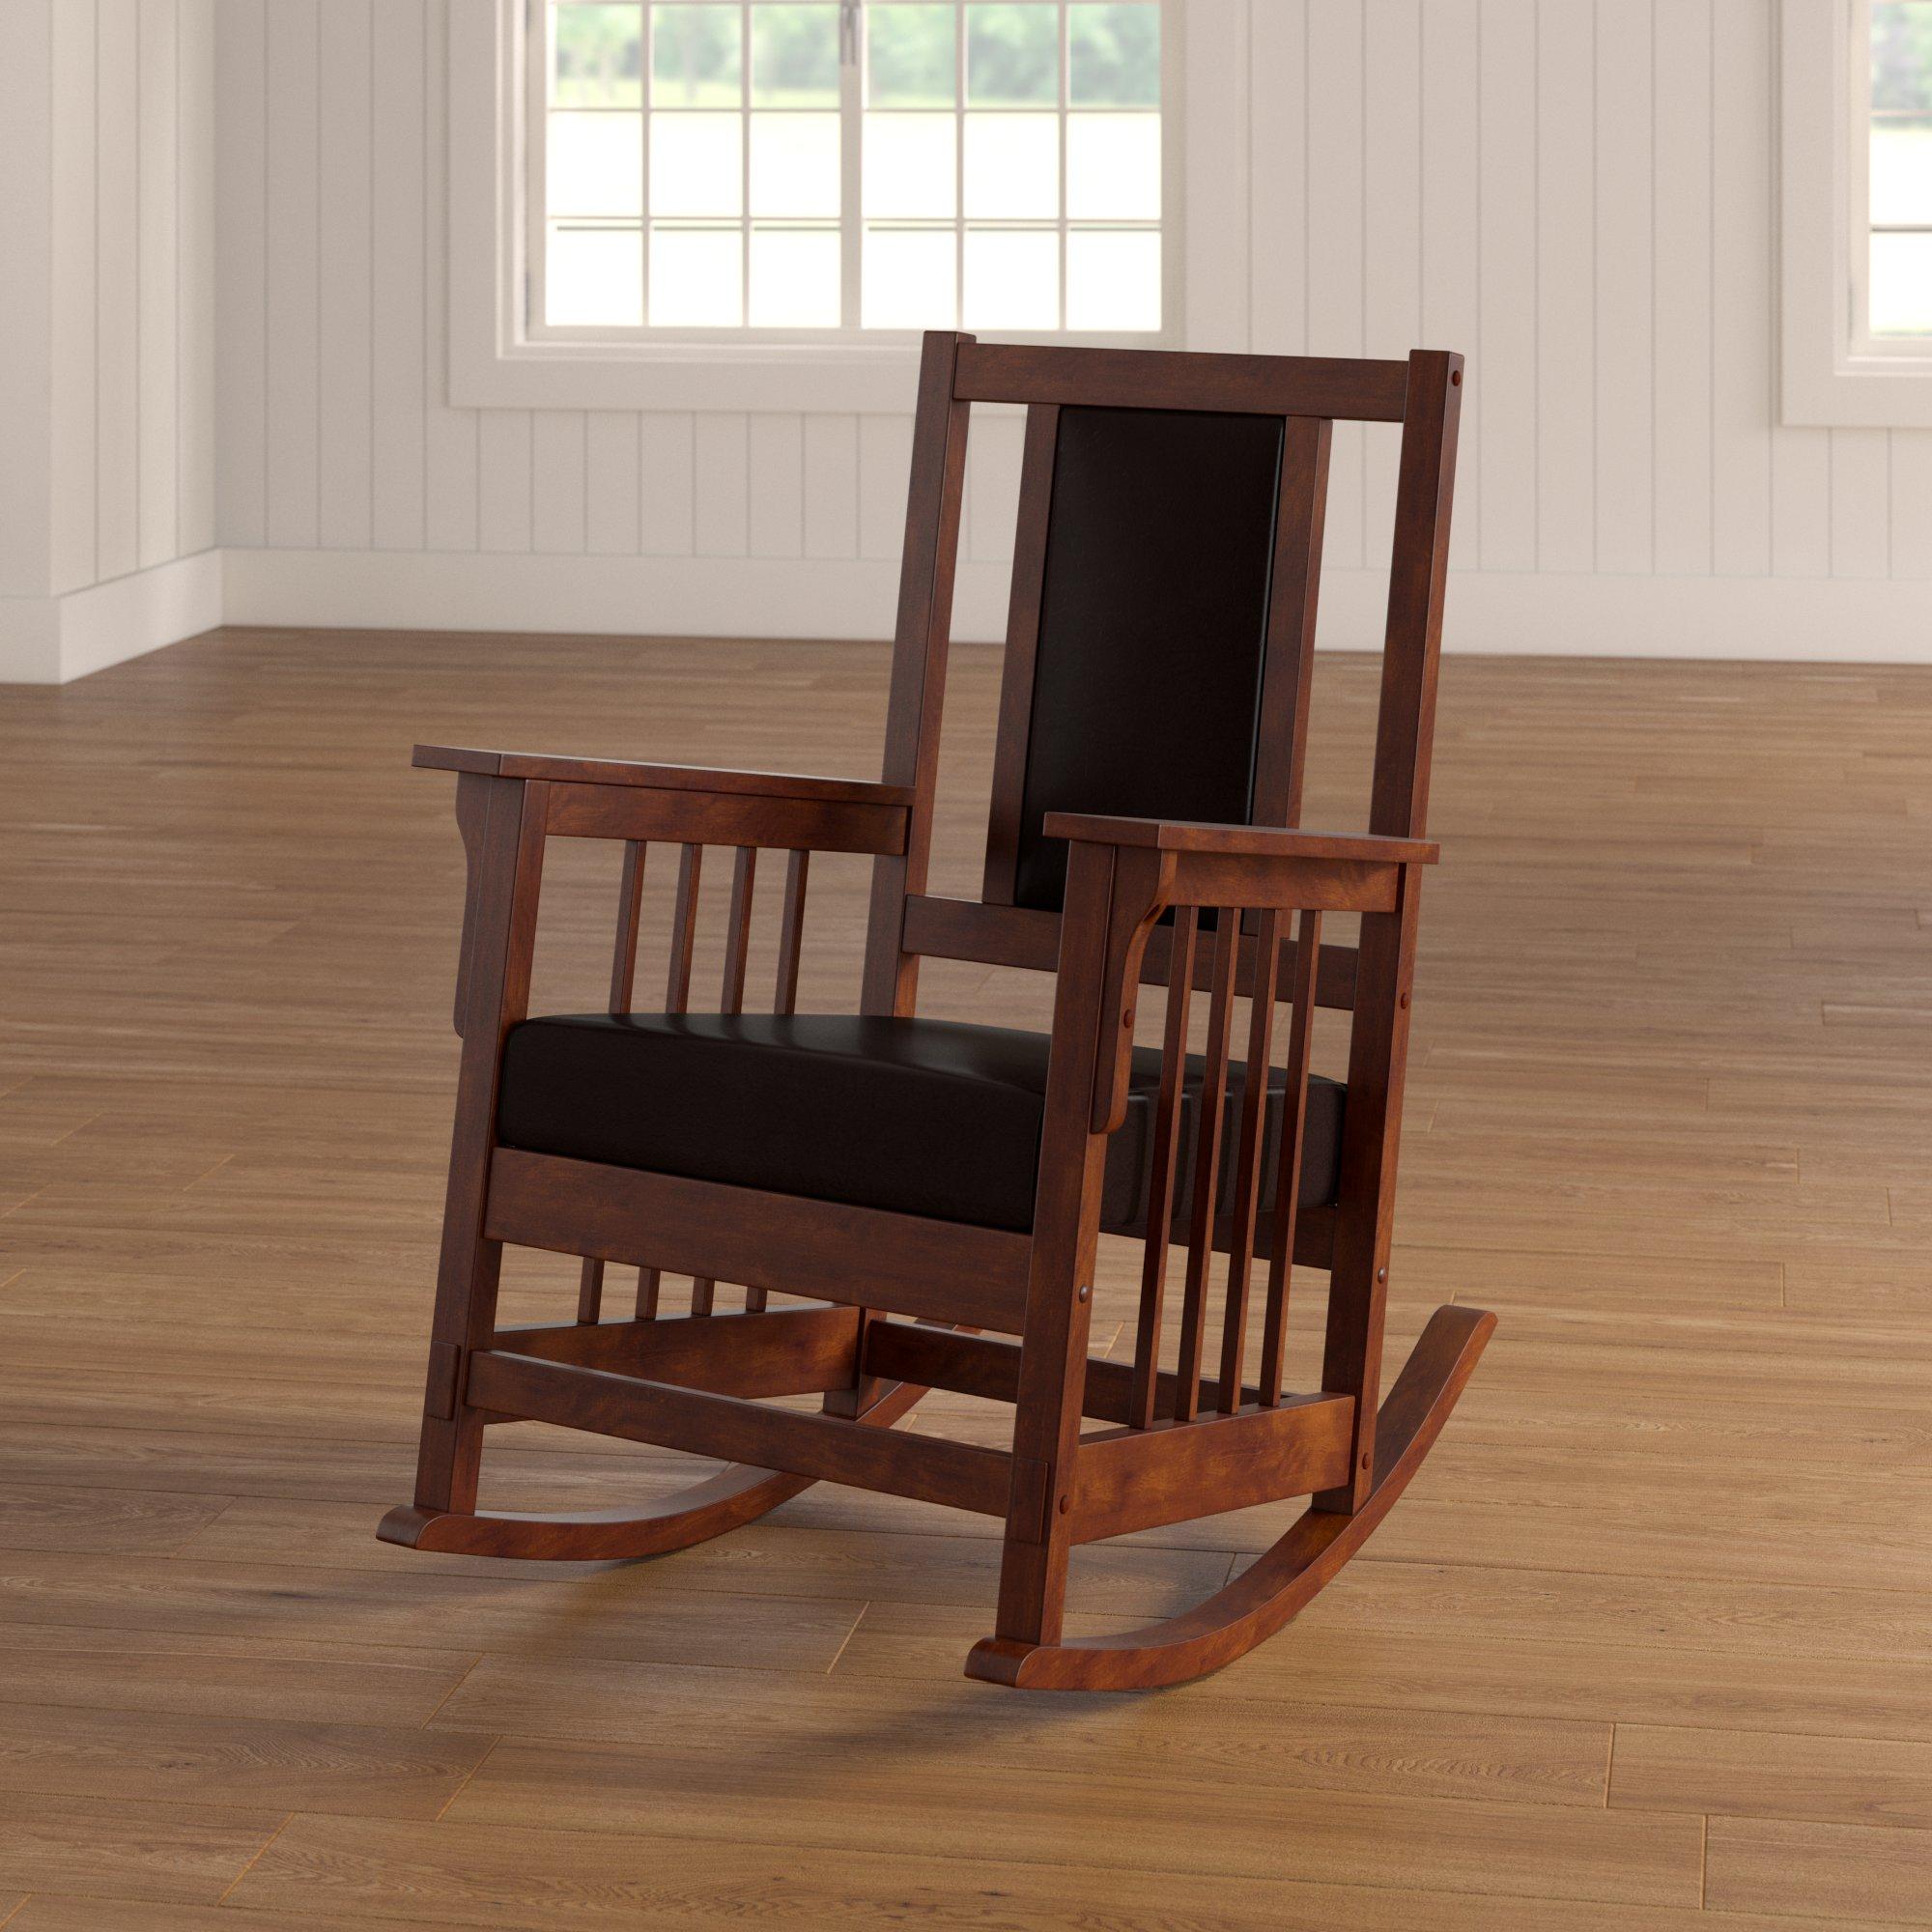 Netta Rocking Chair Regarding Dark Walnut Brown Wooden Rocking Chairs (#16 of 20)